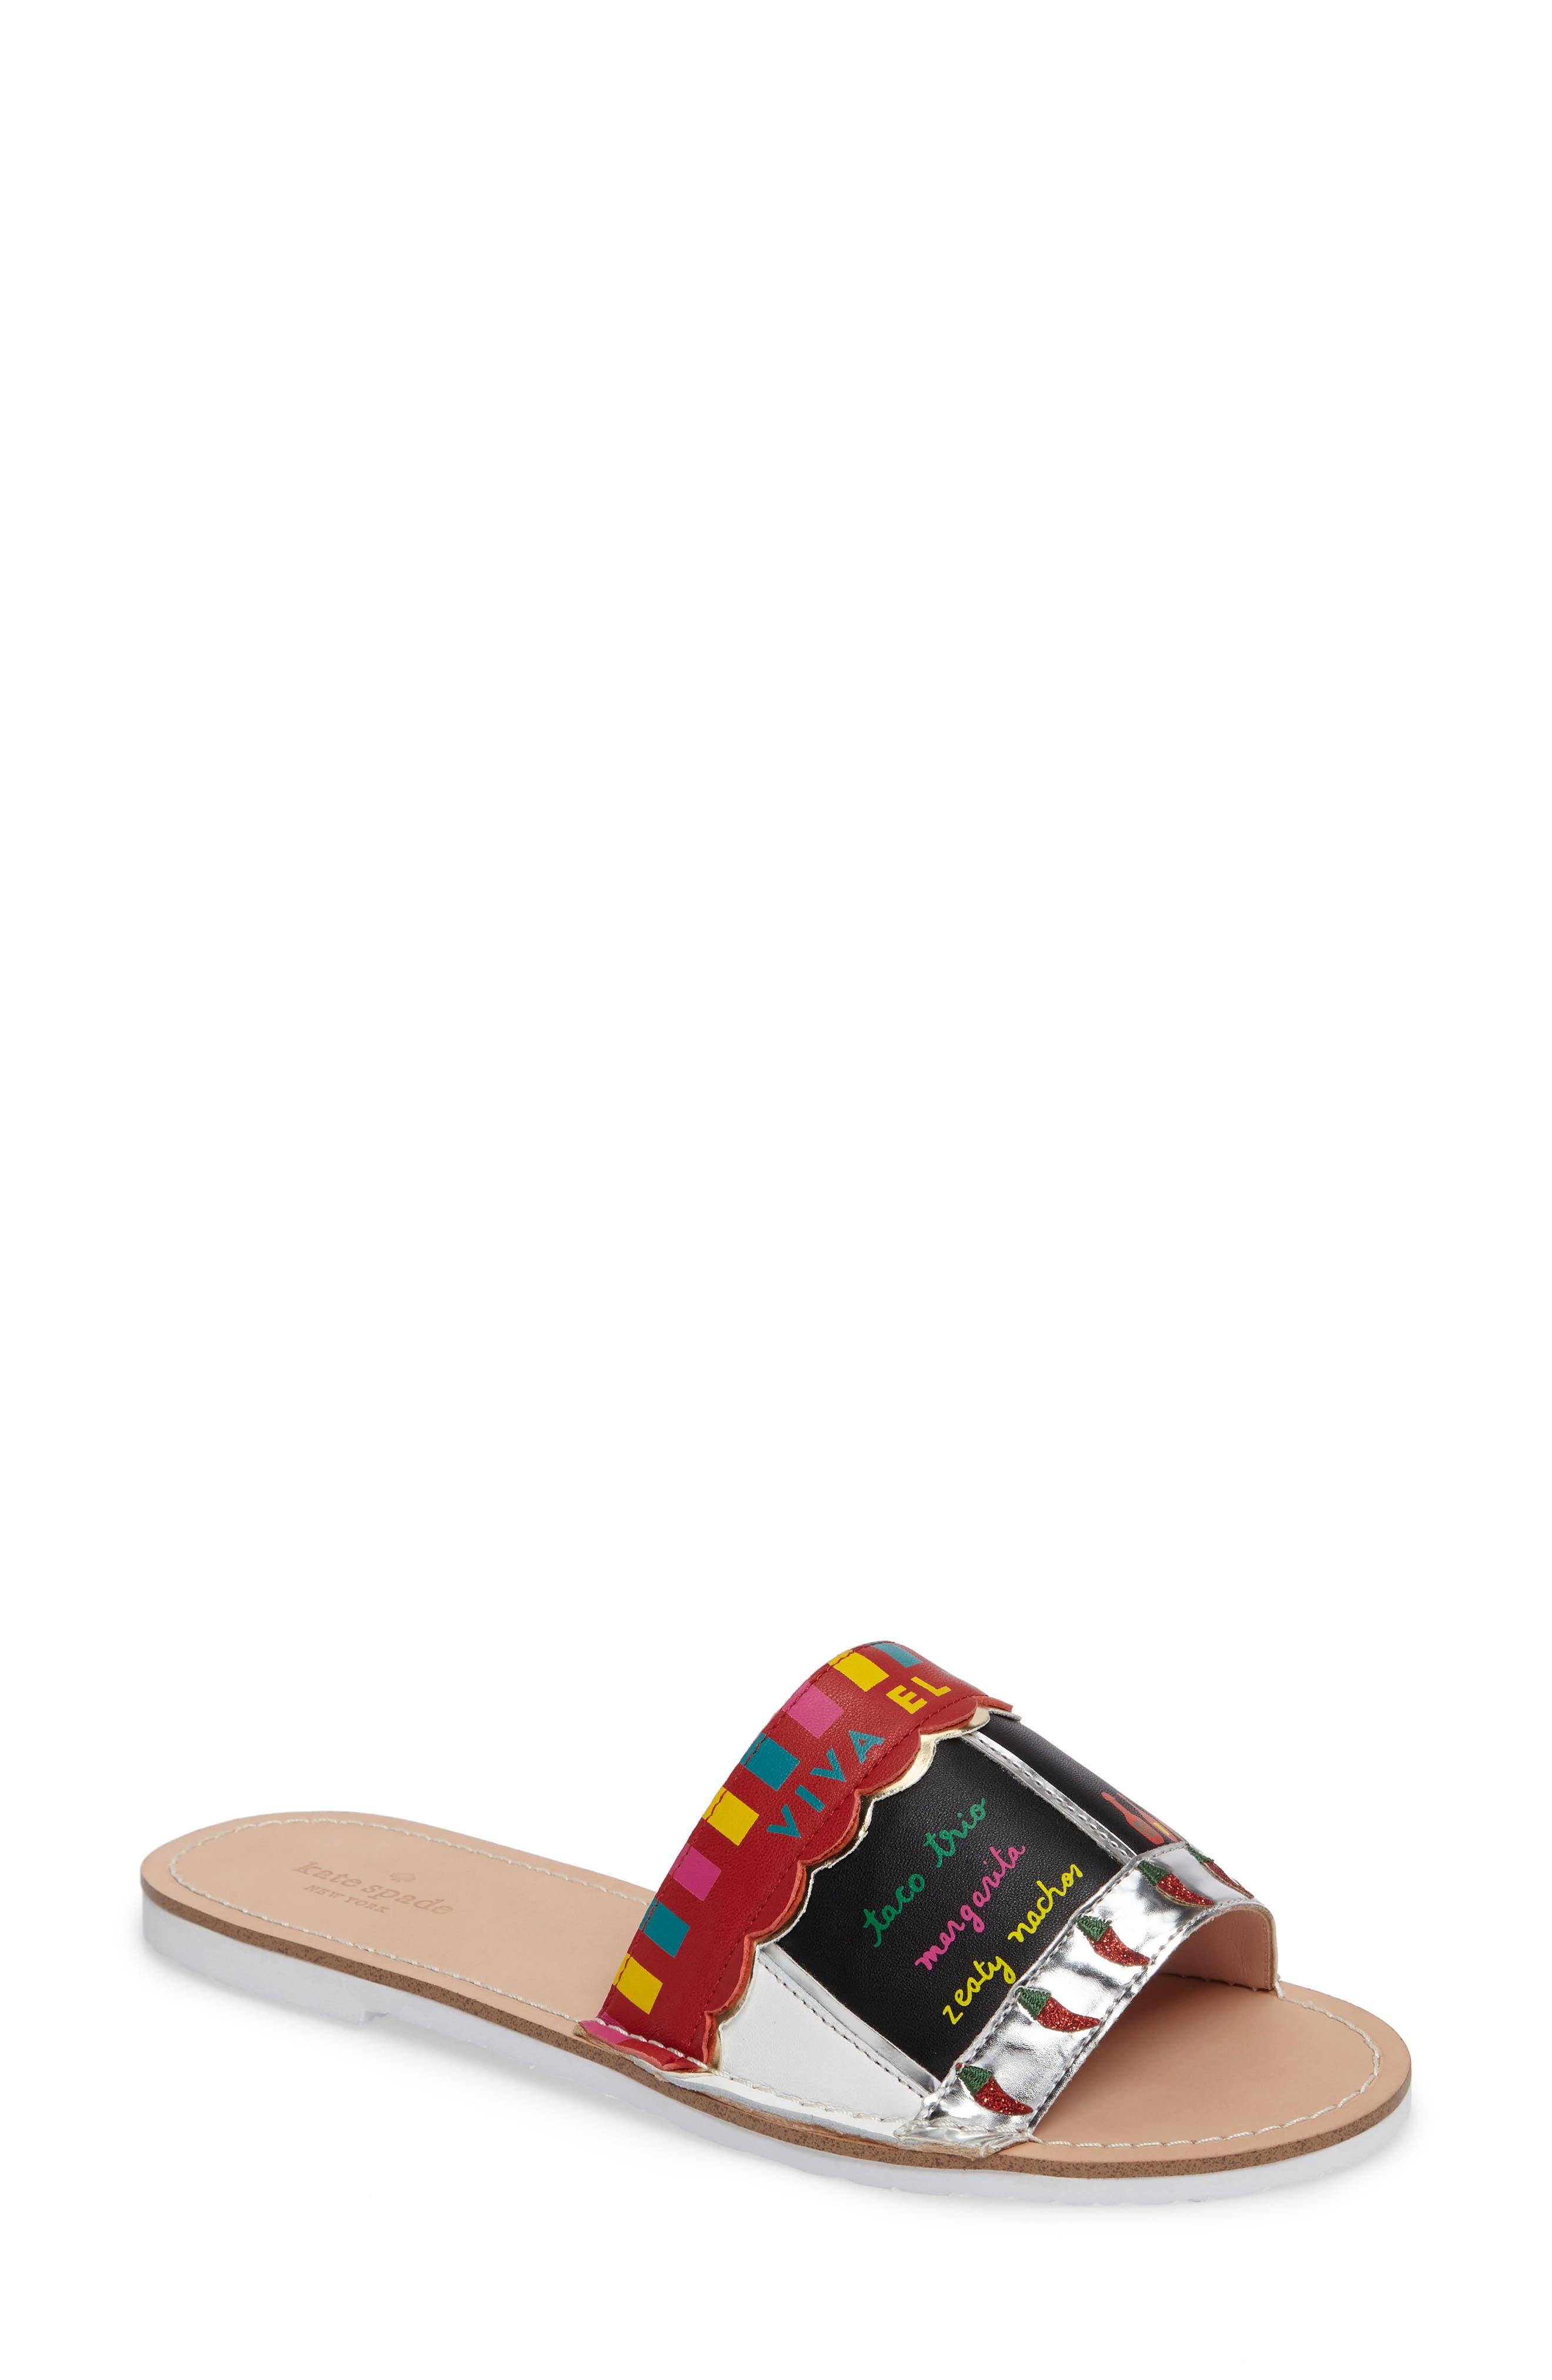 illi slide sandal,                             Main thumbnail 1, color,                             001